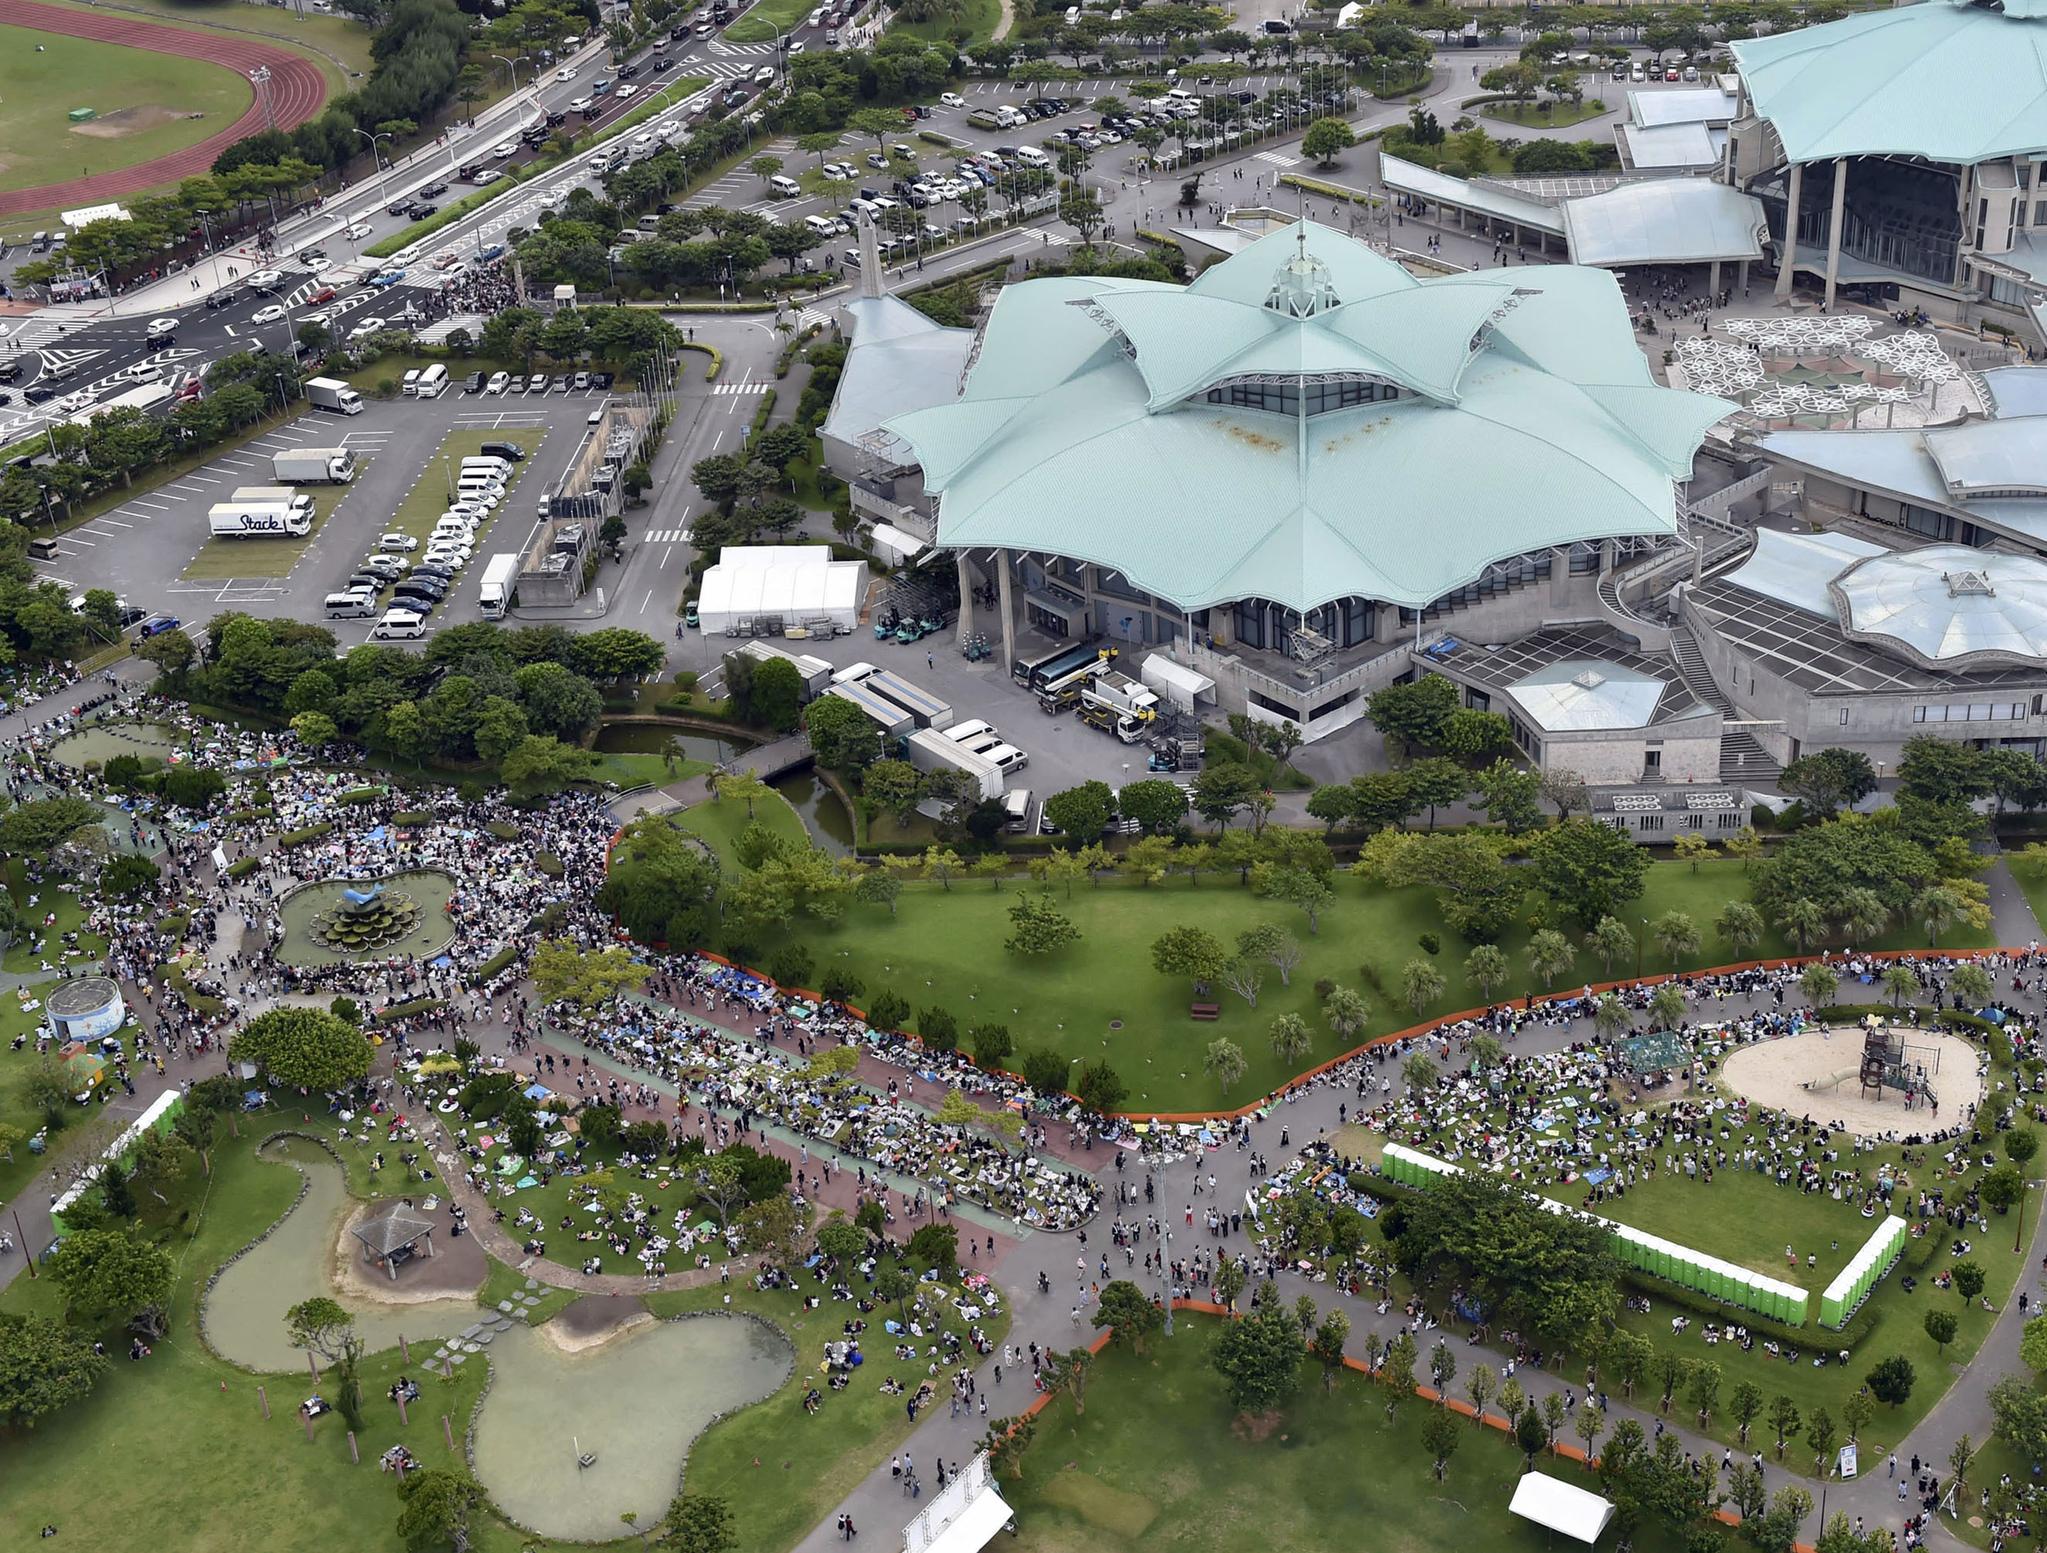 15일 저녁 오키나와(沖繩)현 기노완(宜野彎)시에서 열린 아무로 나미에의 은퇴 기념 콘서트에 몰린 인파. 16일 은퇴를 하루 앞두고 열린 이날 콘서트에는 관객 3천500명이 몰렸고, 표를 구하지 못한 팬들 1천명 이상이 콘서트장 밖에서 흘러나온느 아무로 나미에의 목소리를 들었다. [연합뉴스]